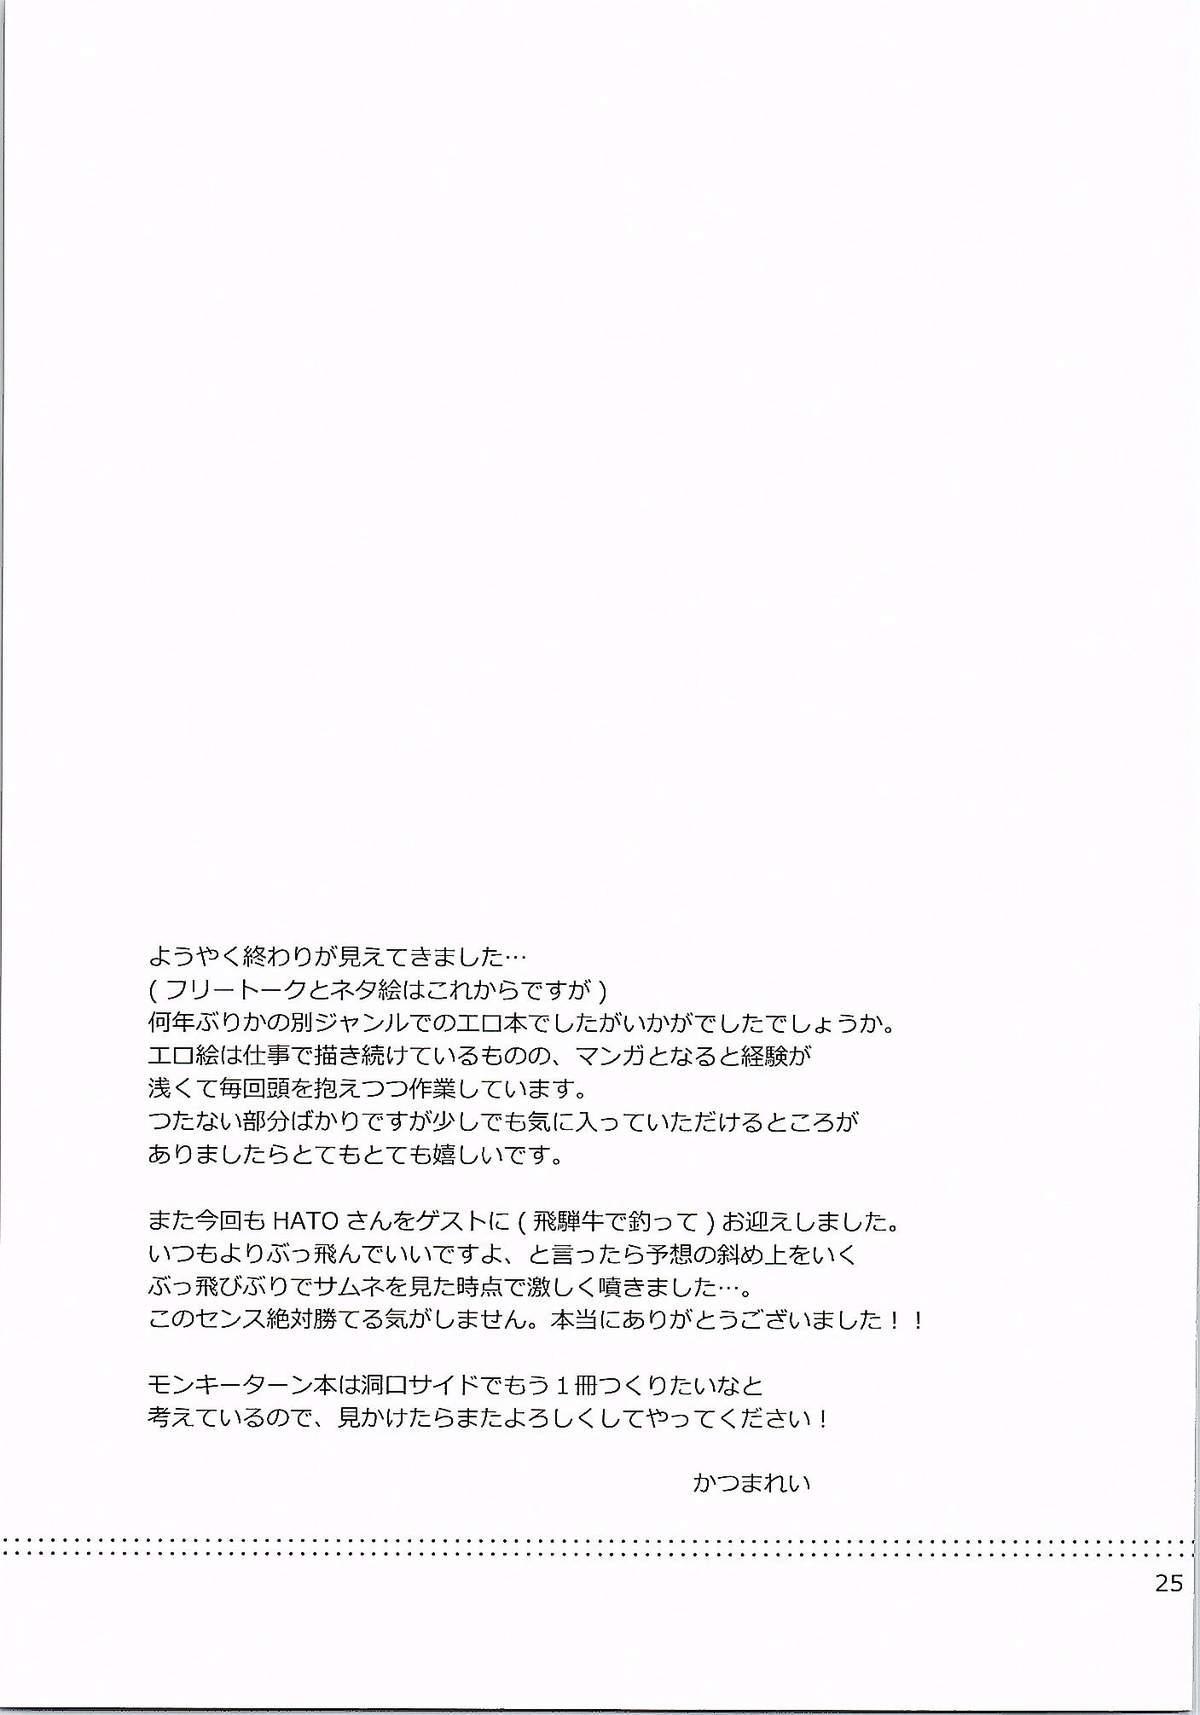 Aoshima-san to Hatano ga Saisho de Saigo no Date de Nani o Shitaka. 23